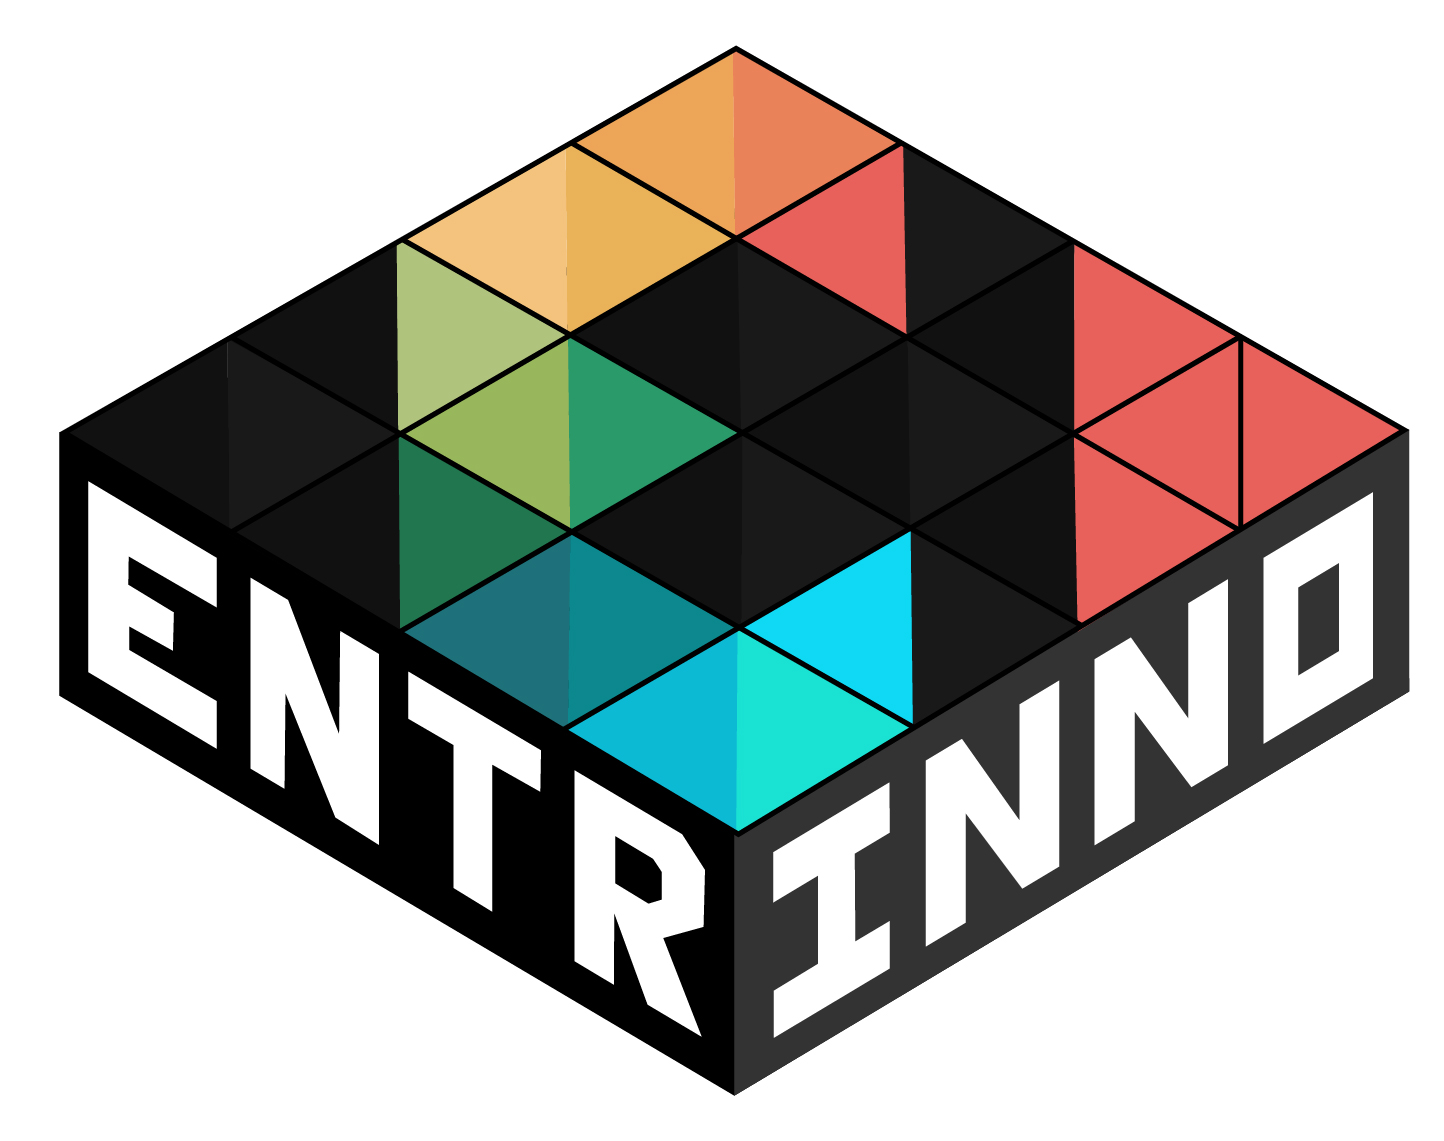 entrinno_FINALlogo_261115_hv-01